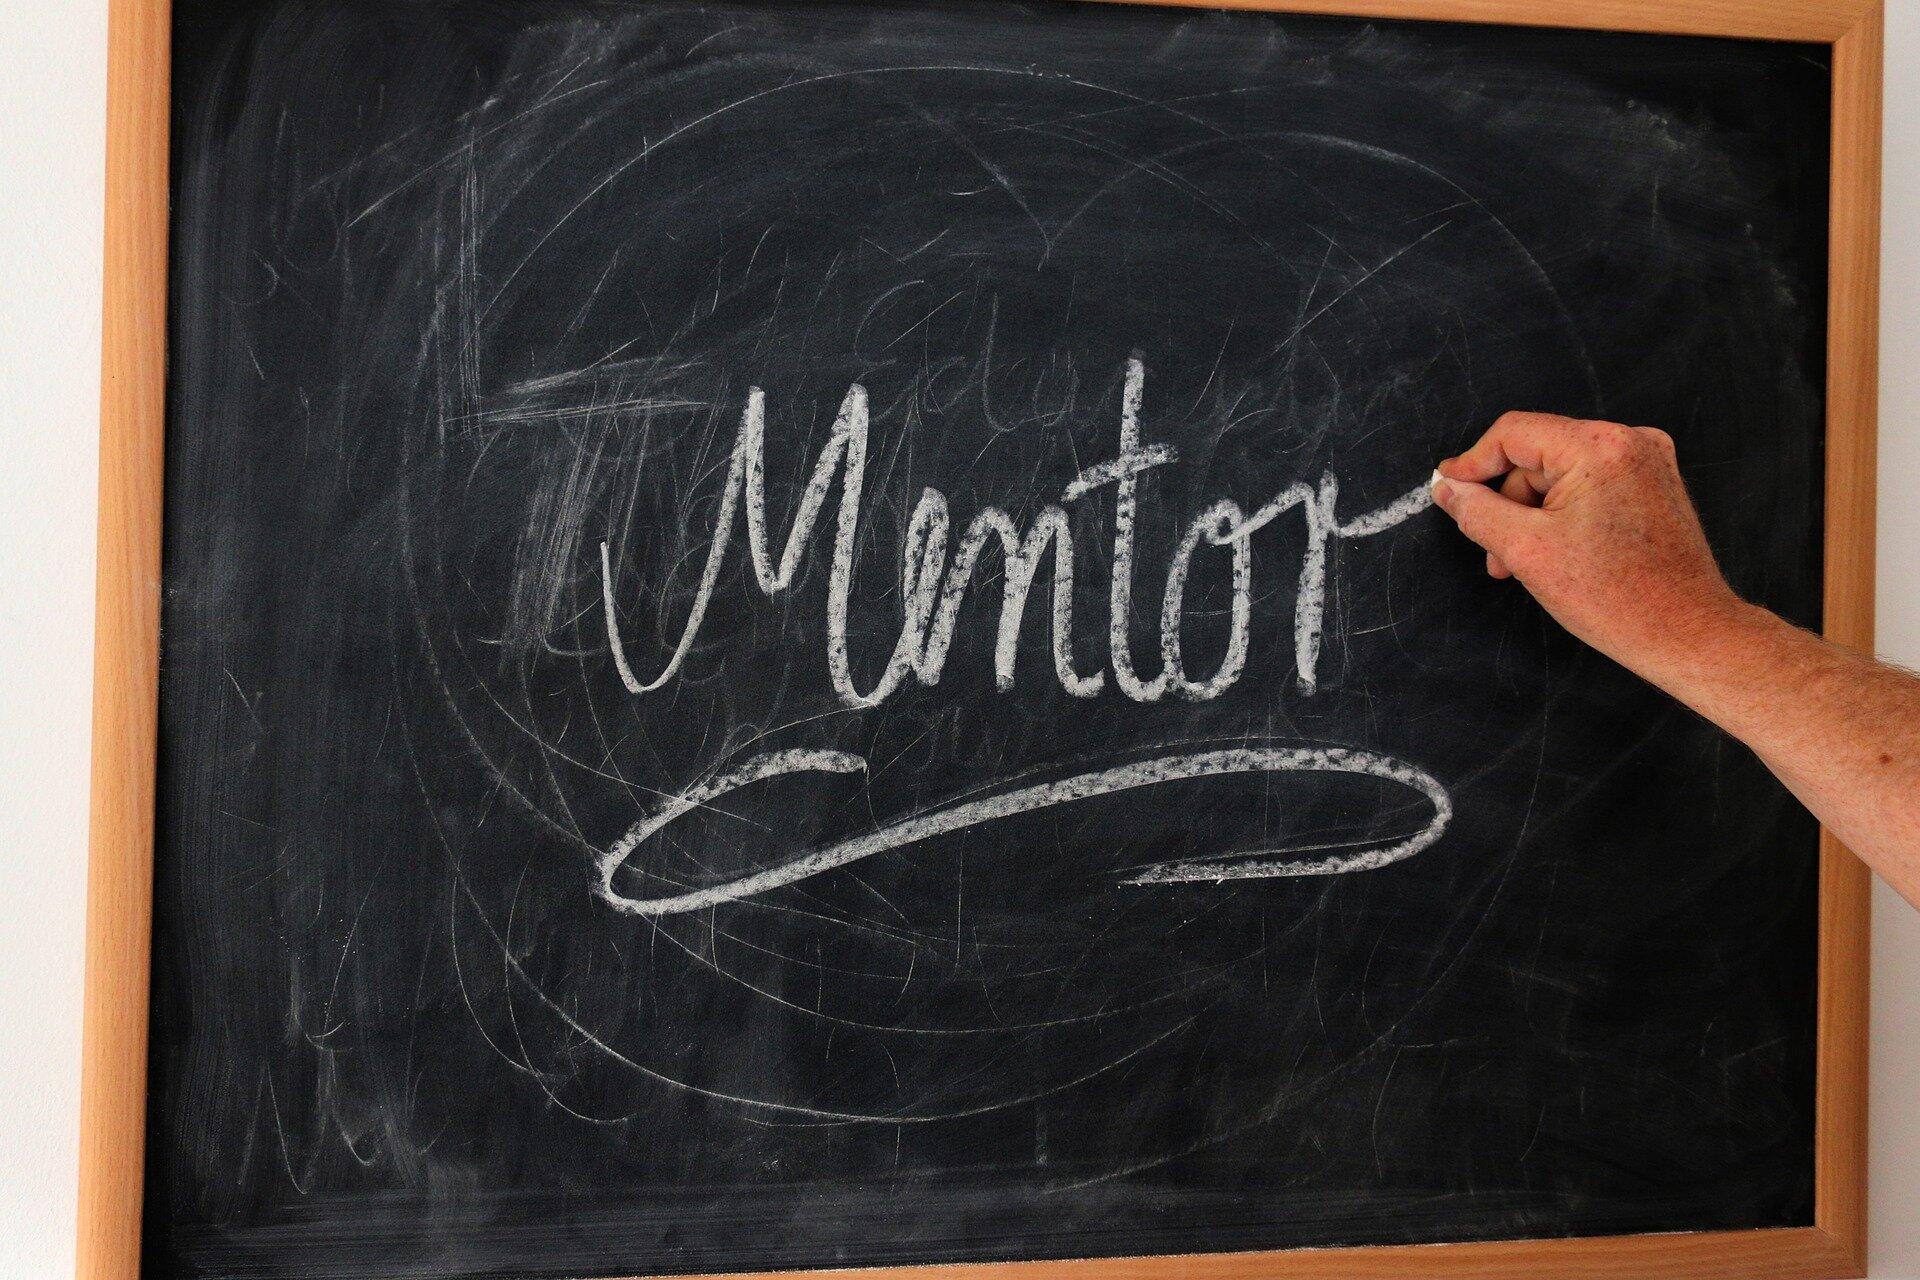 Mentor Źródło: www.pixabay.com, fotografia barwna, domena publiczna.